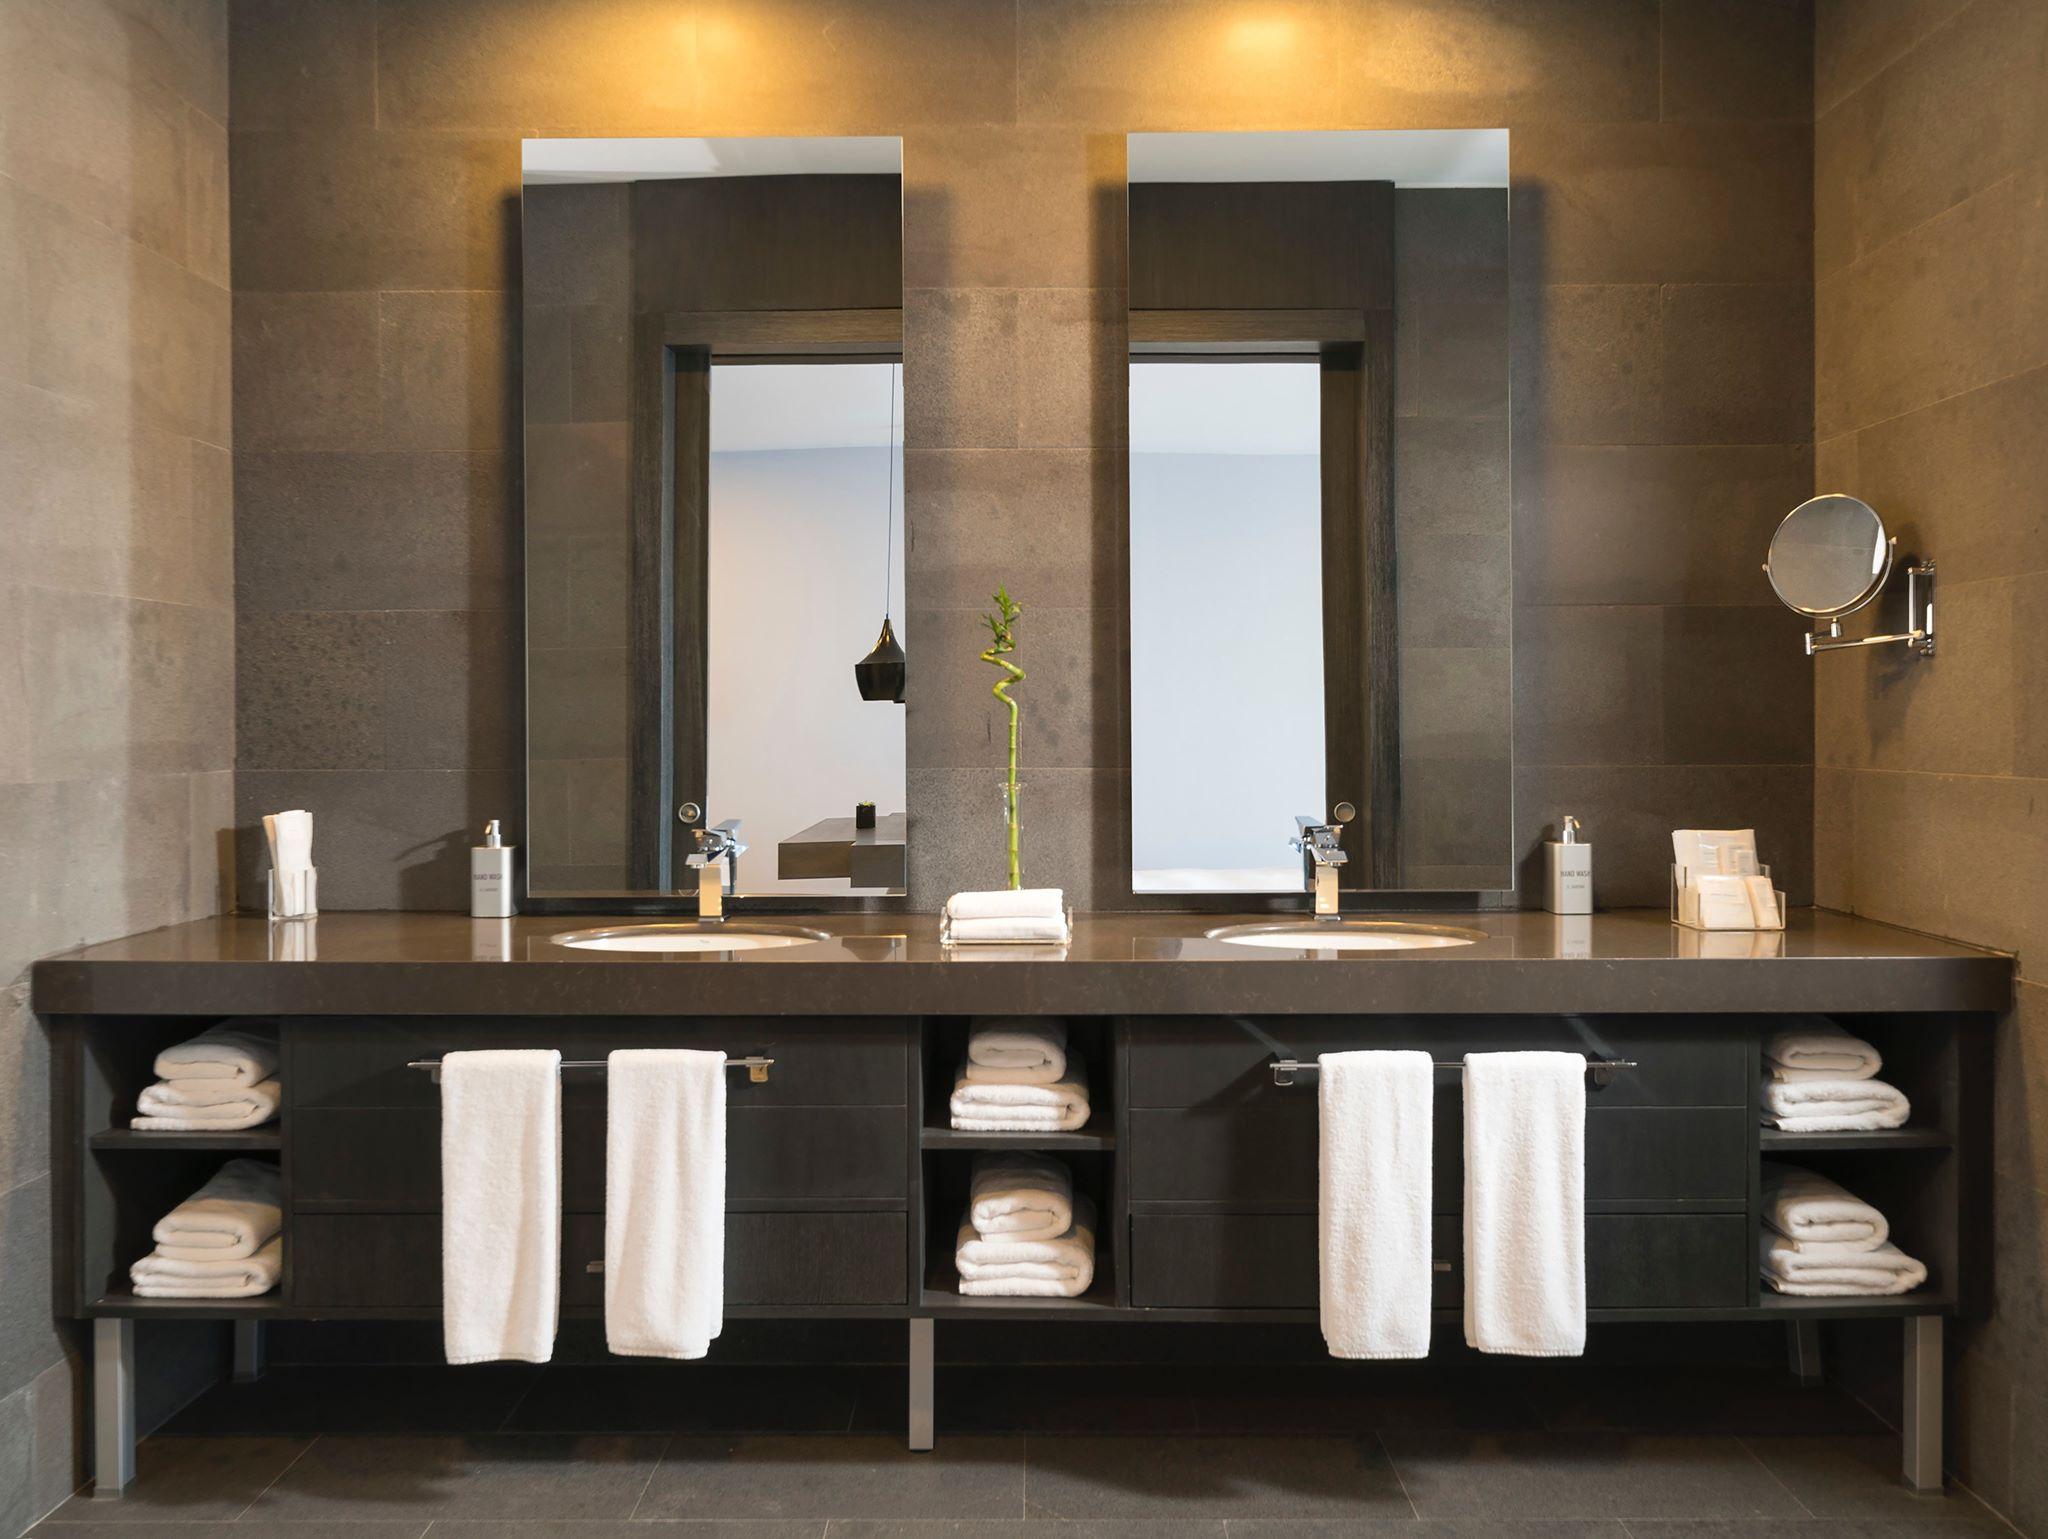 Salle de bain Algérie : 50 photos et idées pour salle de ...